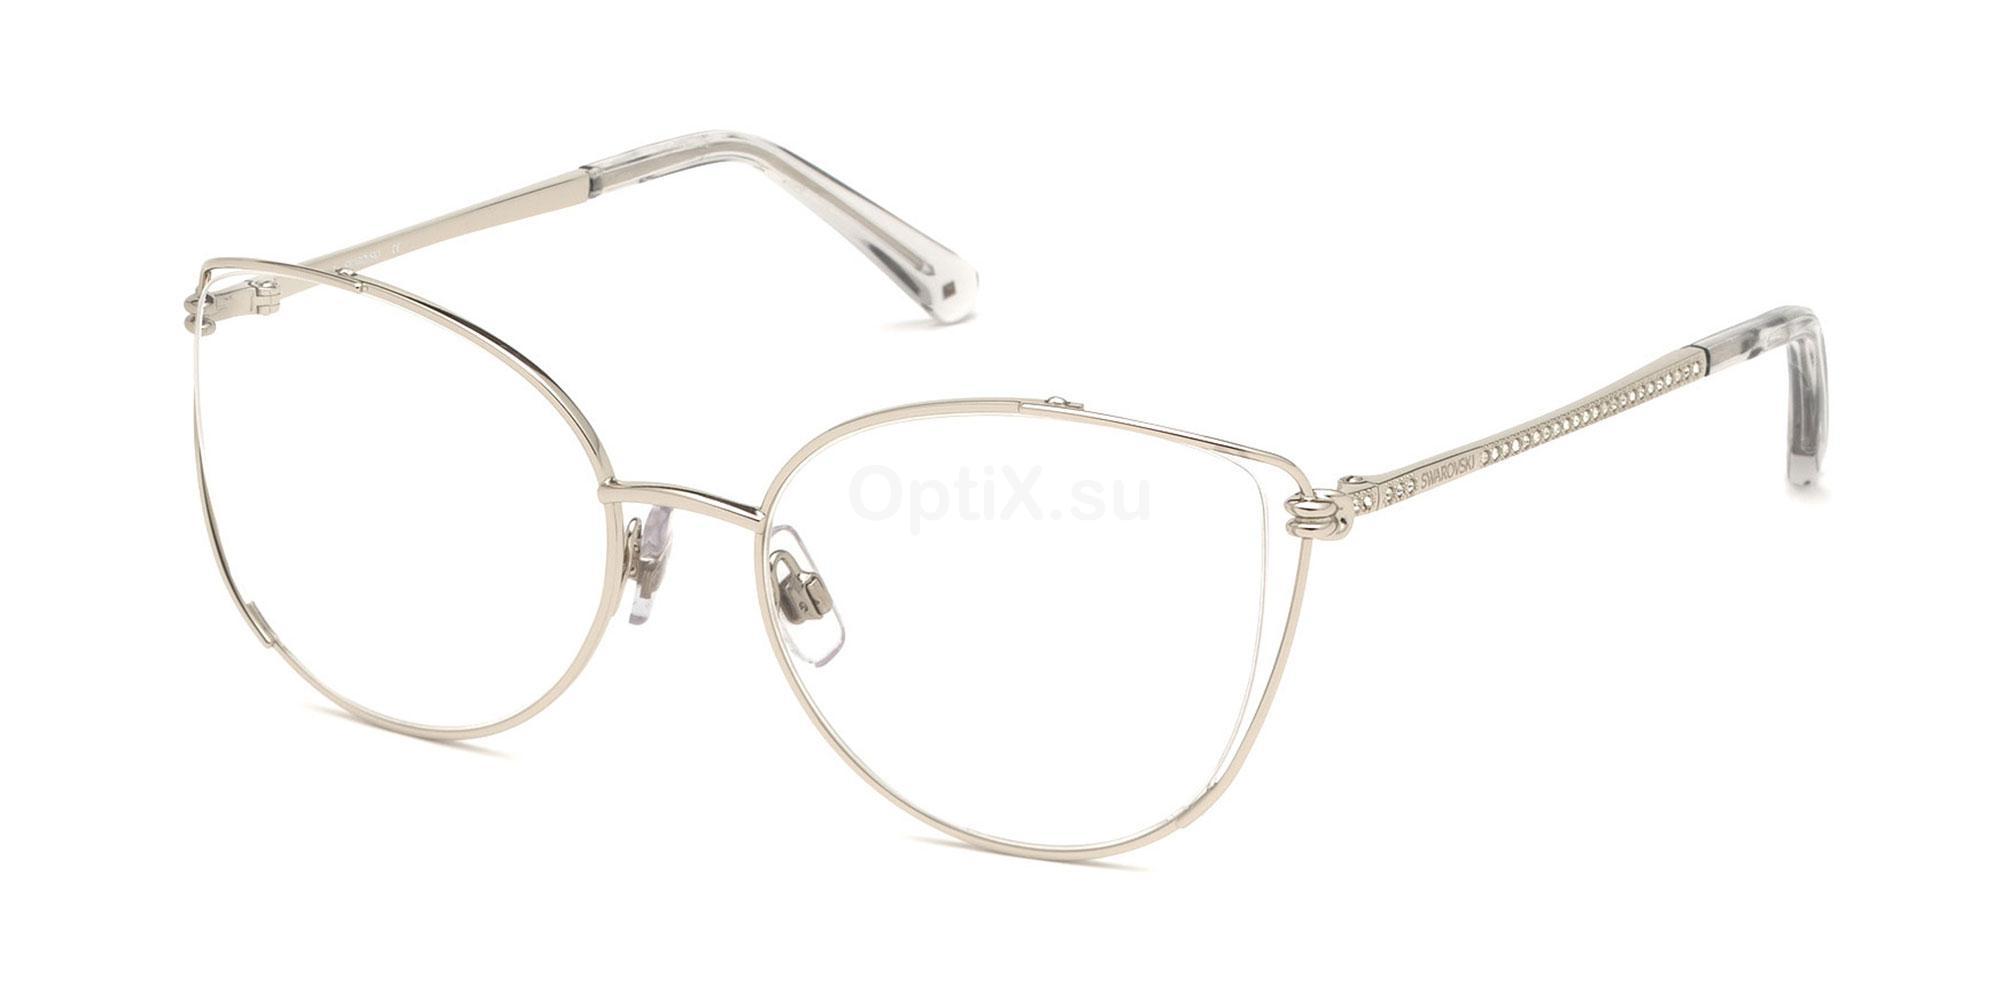 016 SK5317 Glasses, Swarovski